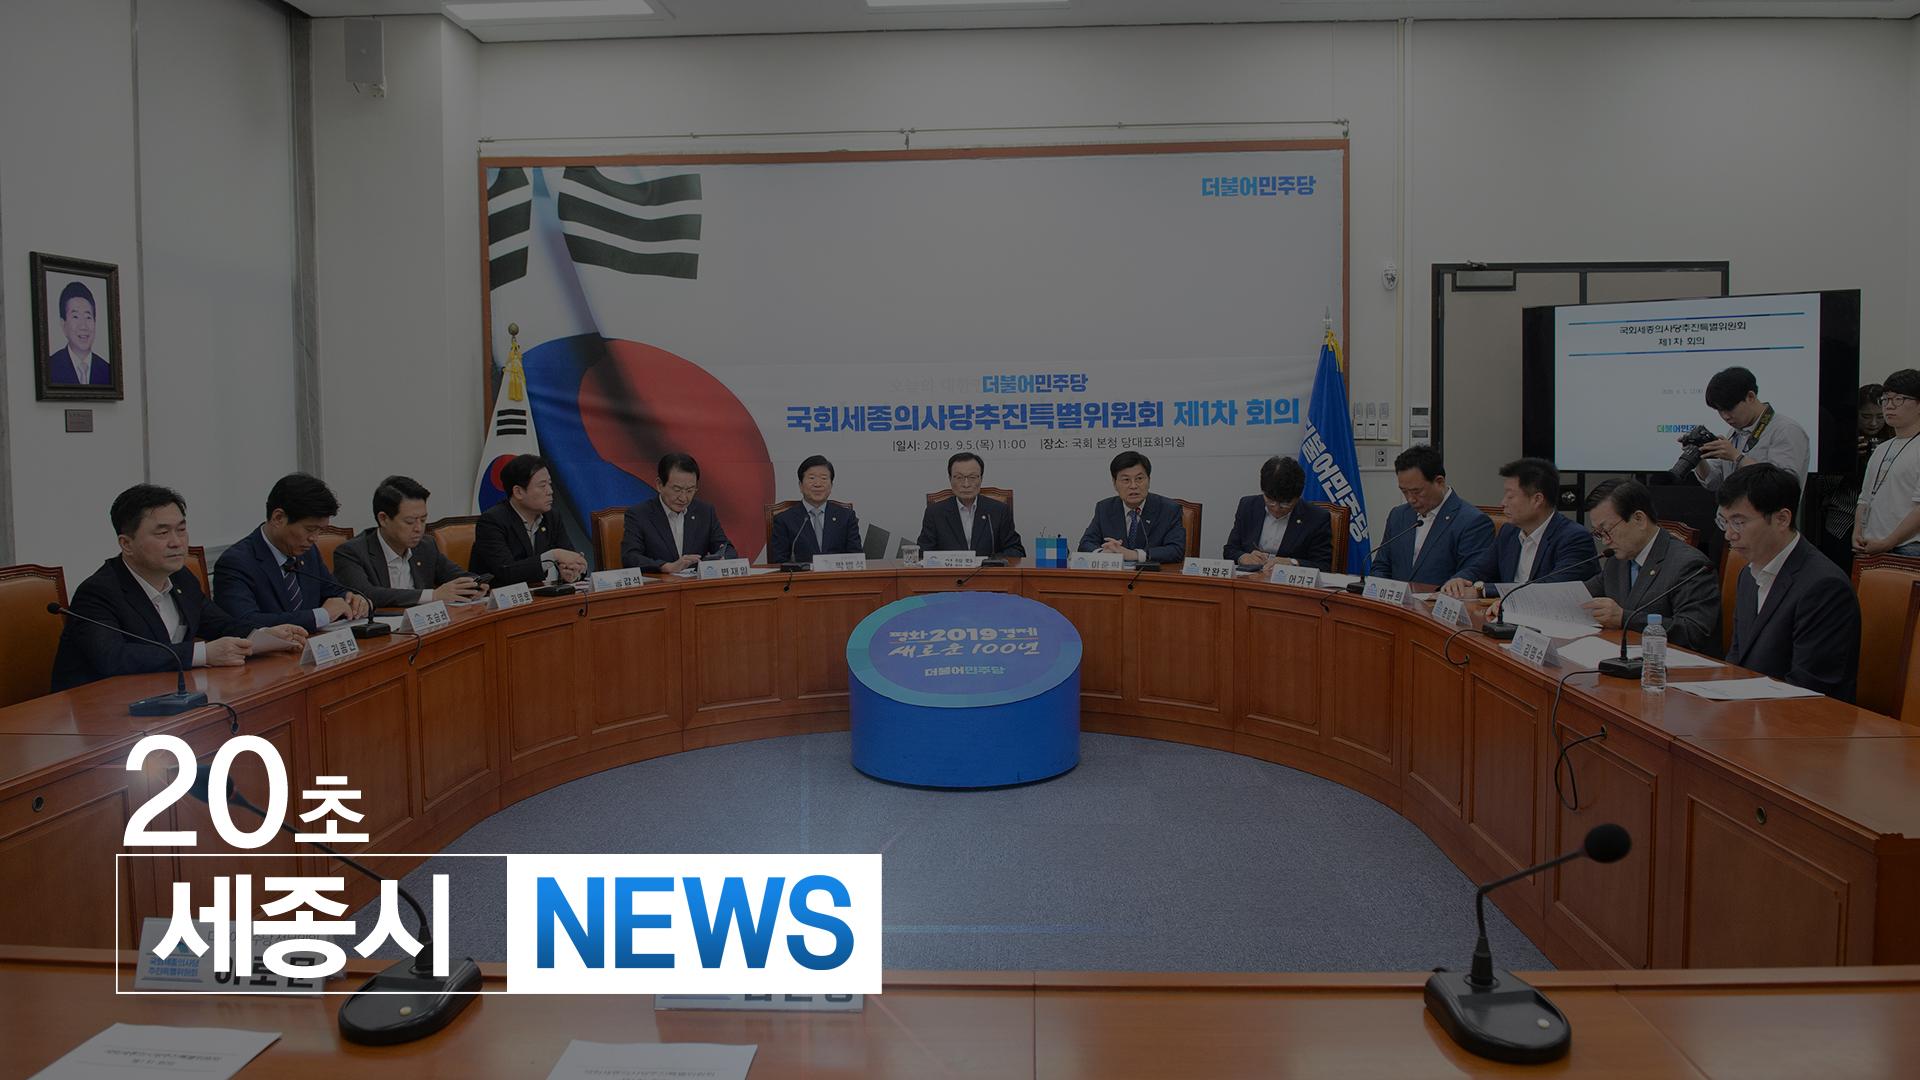 <20초뉴스> 태풍'링링'대비 인명·재산피해 최소화 총력